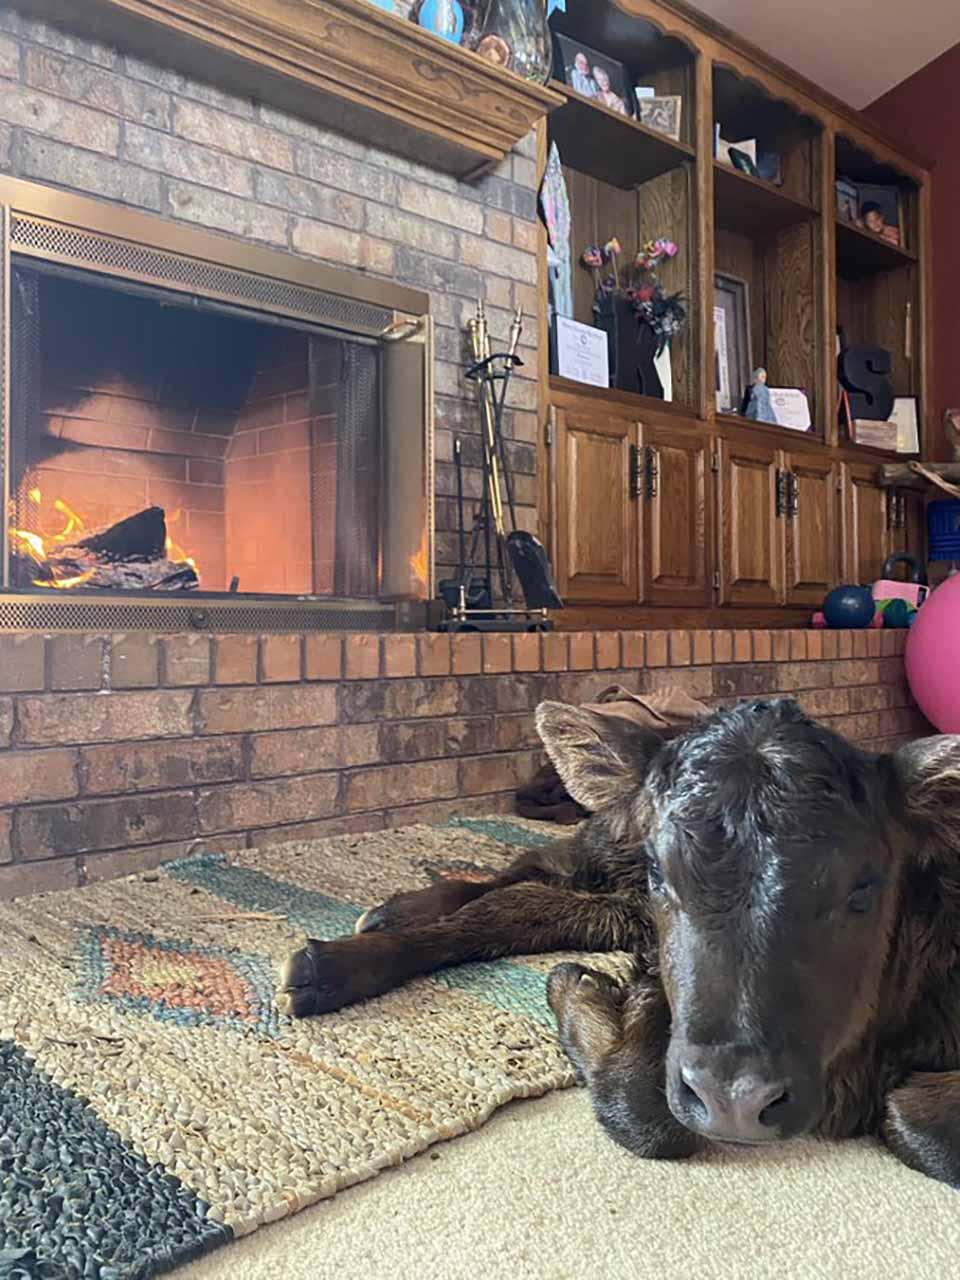 Animales en casa debido a la ola de frío